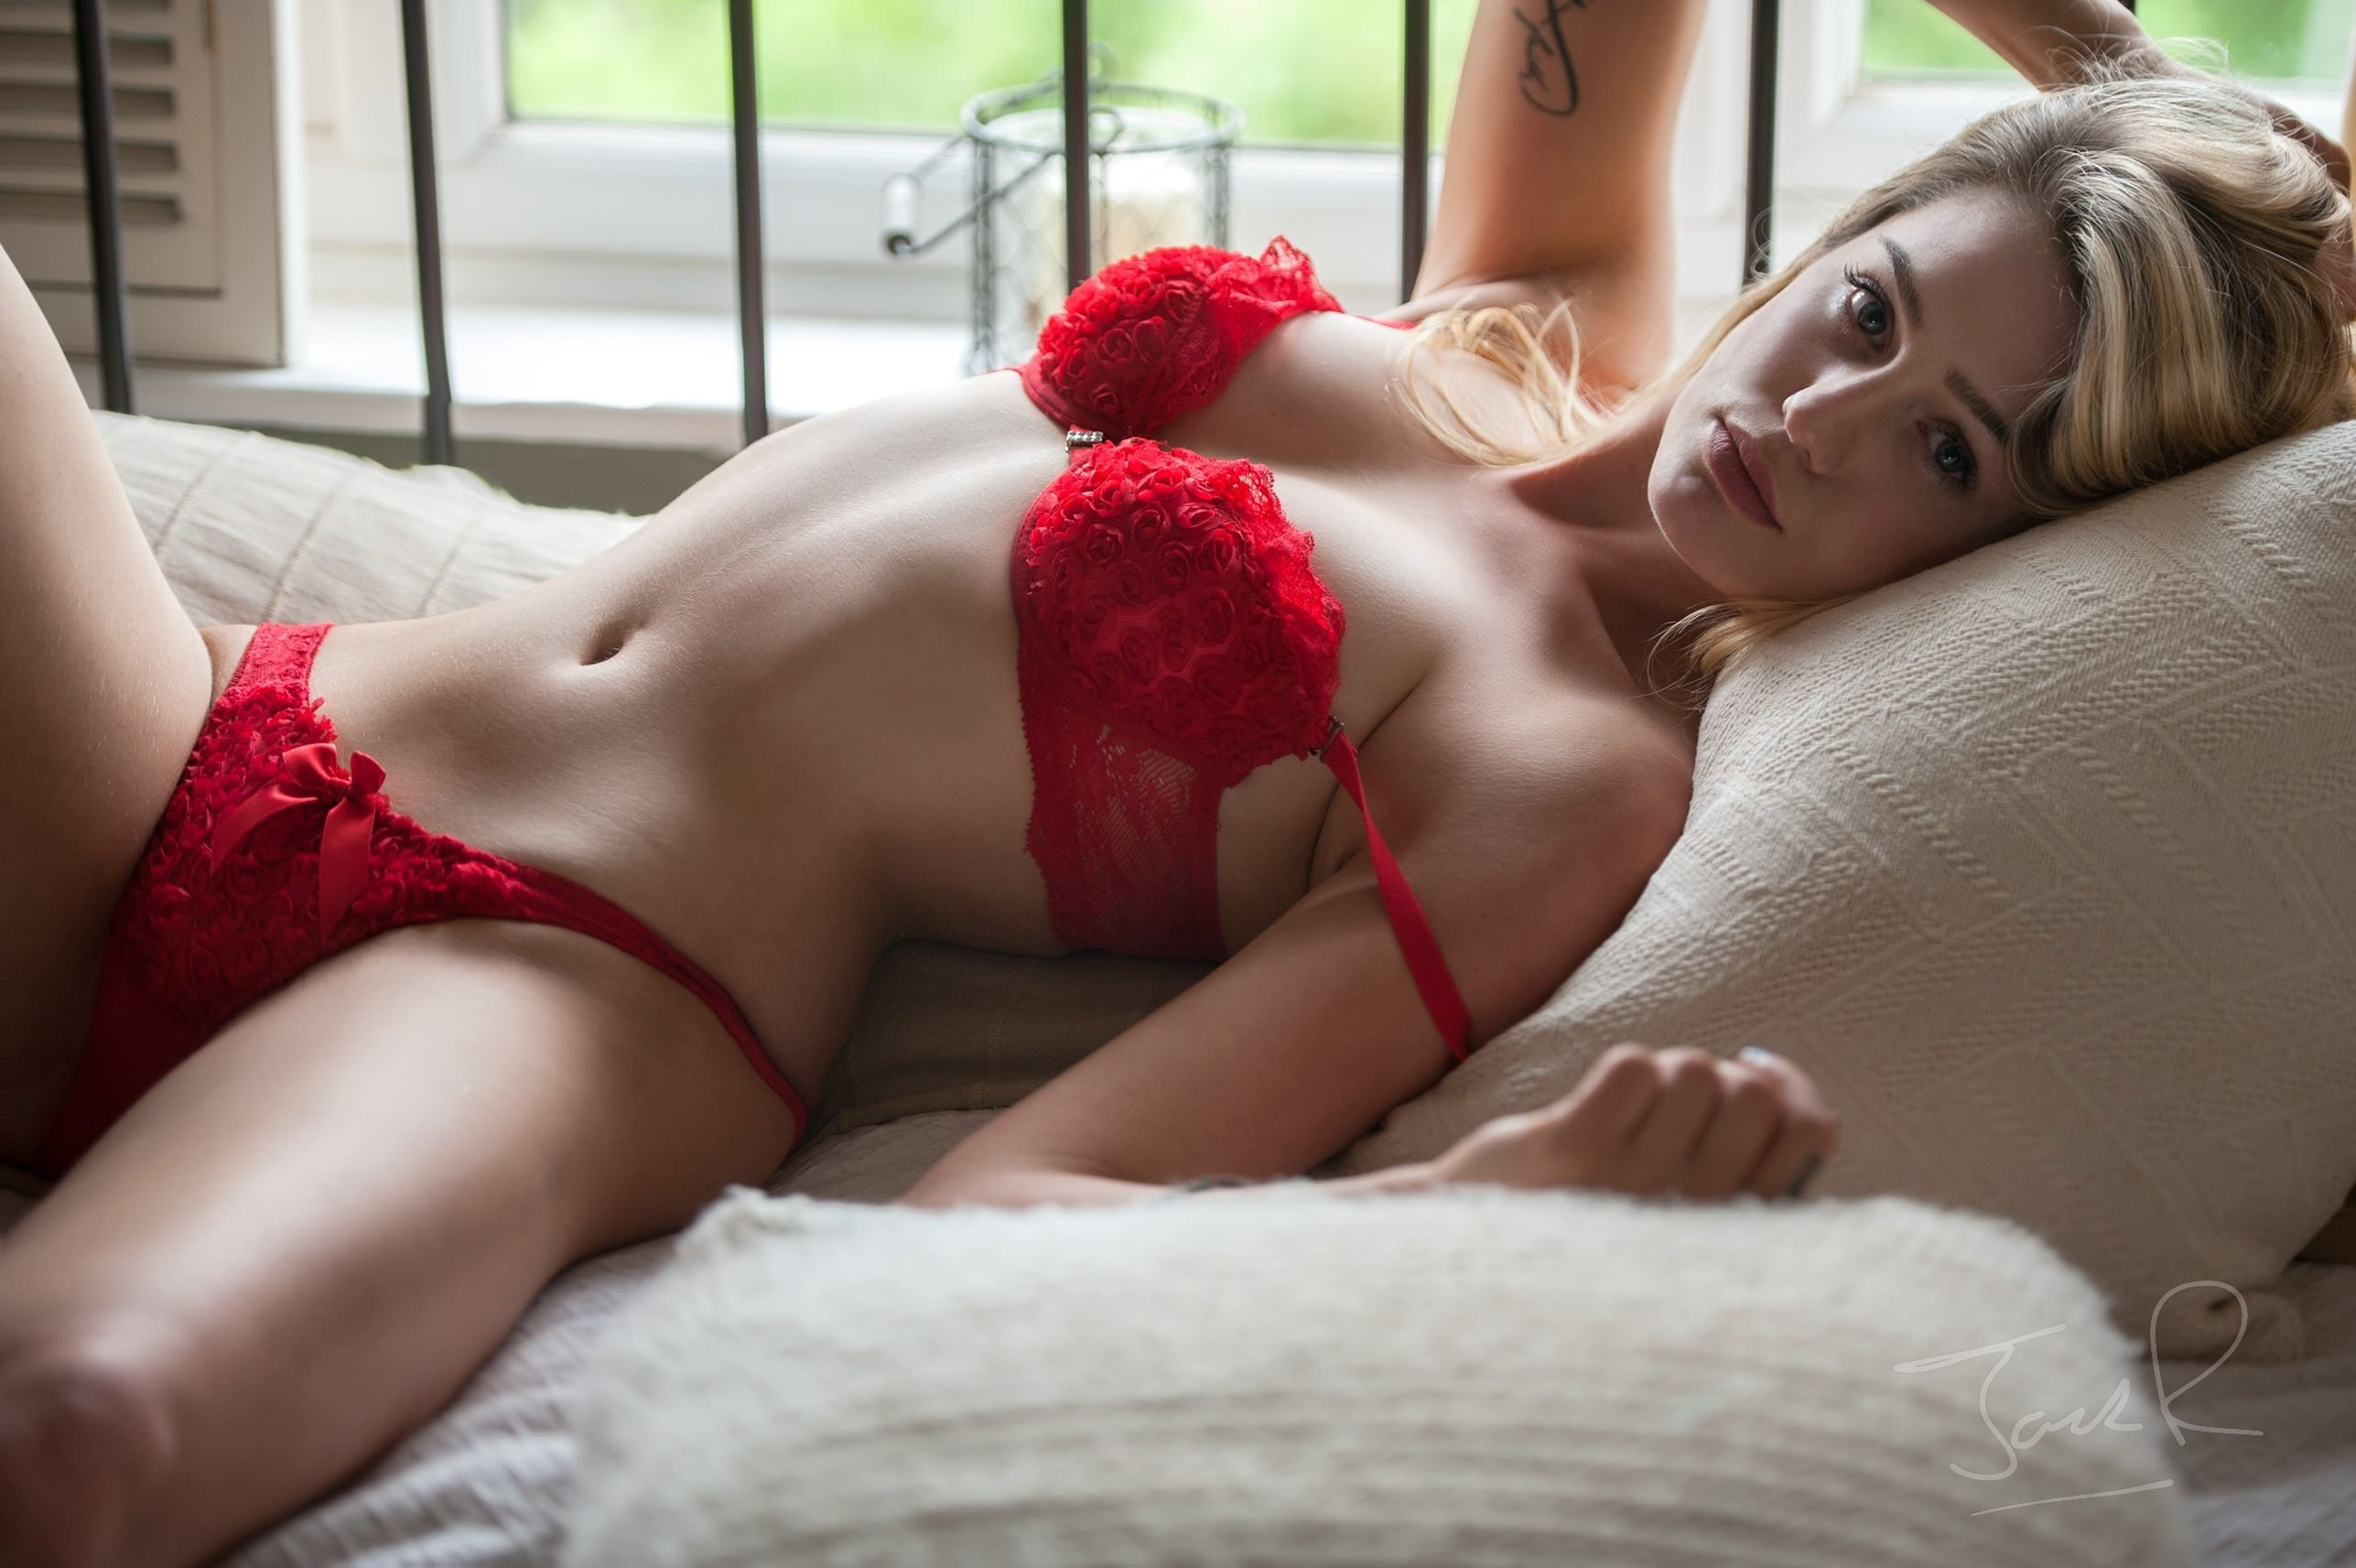 Фото Соблазнительная девушка в красном эротическом нижнем белье, подушки, красные трусики, скачать картинку бесплатно